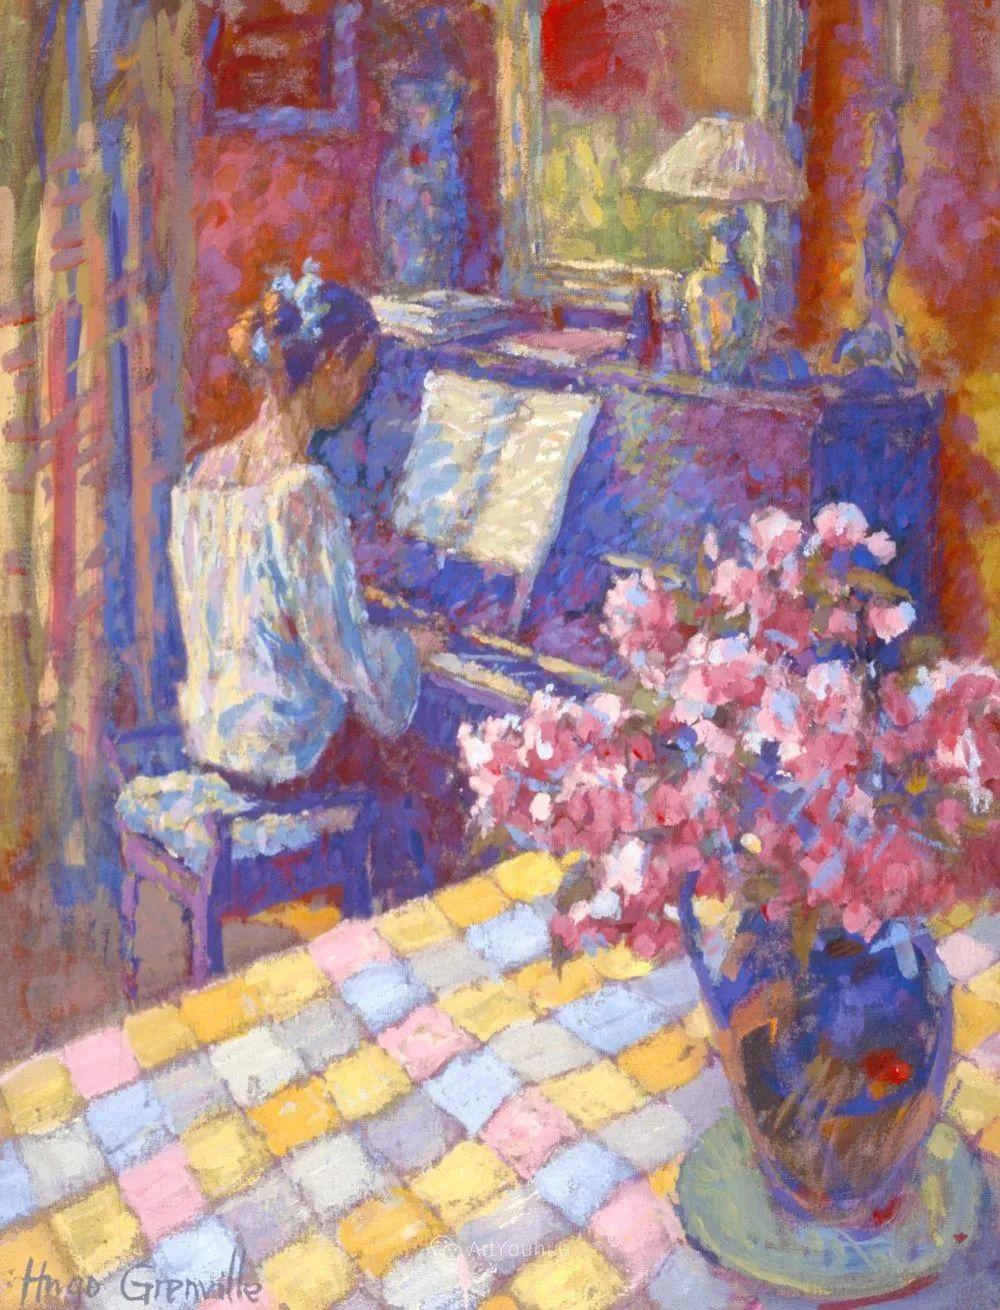 色彩和阳光的交响曲,英国著名浪漫主义画家:雨果·格伦维尔 150幅插图26